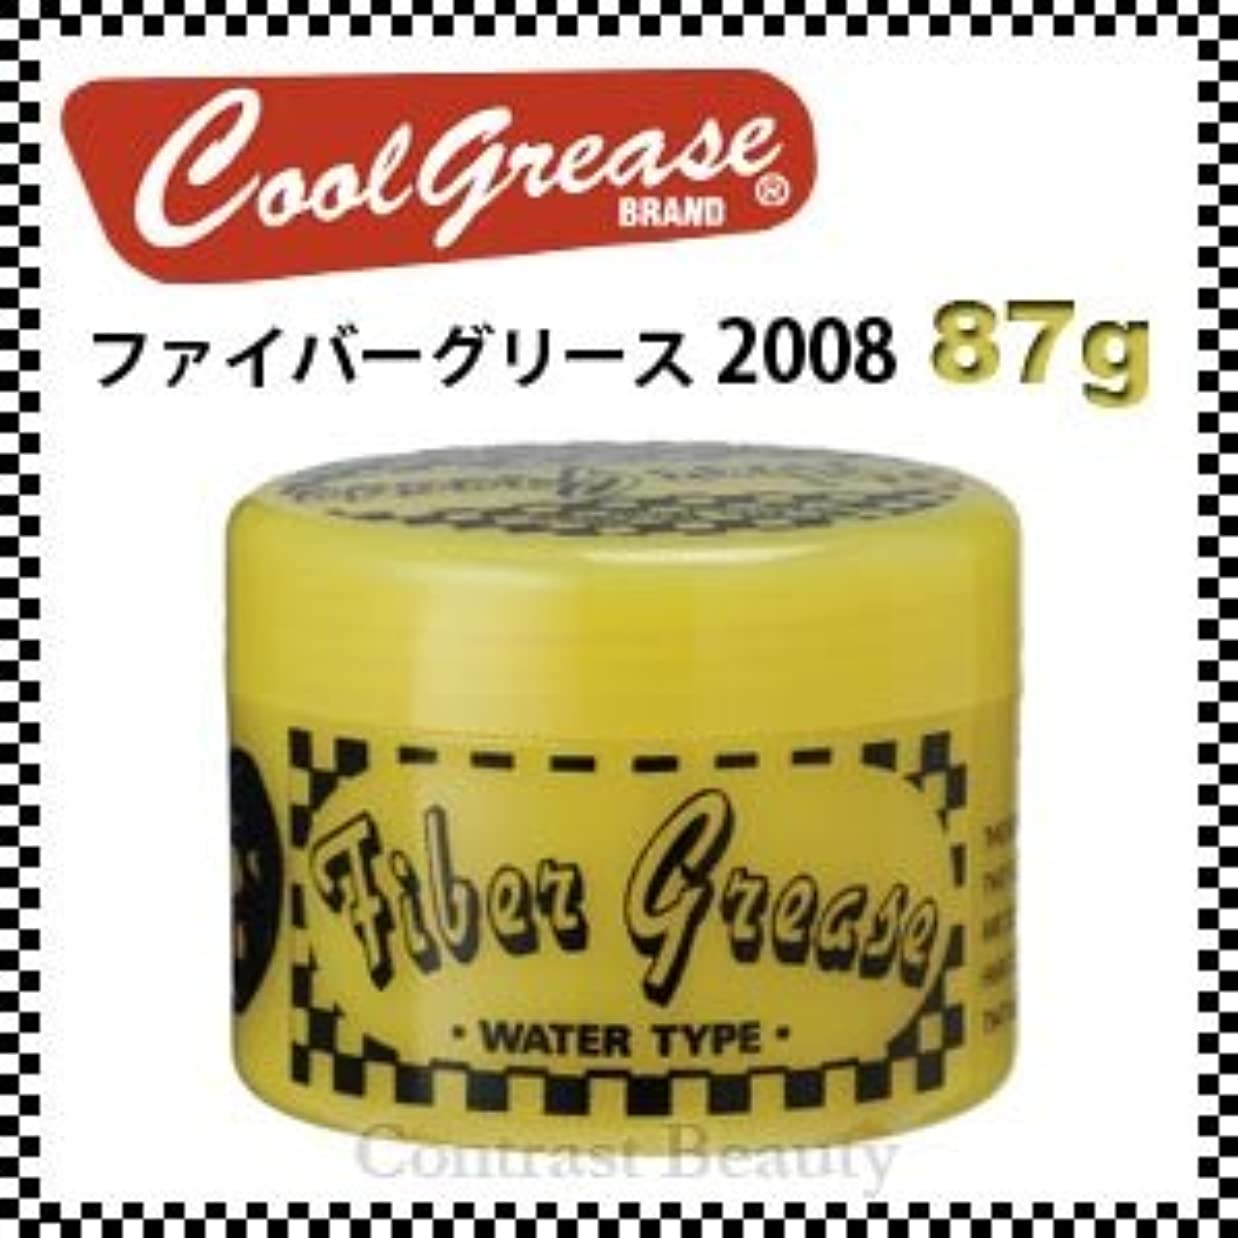 中央花瓶デコラティブ【X5個セット】 阪本高生堂 ファイバーグリース 2008 87g